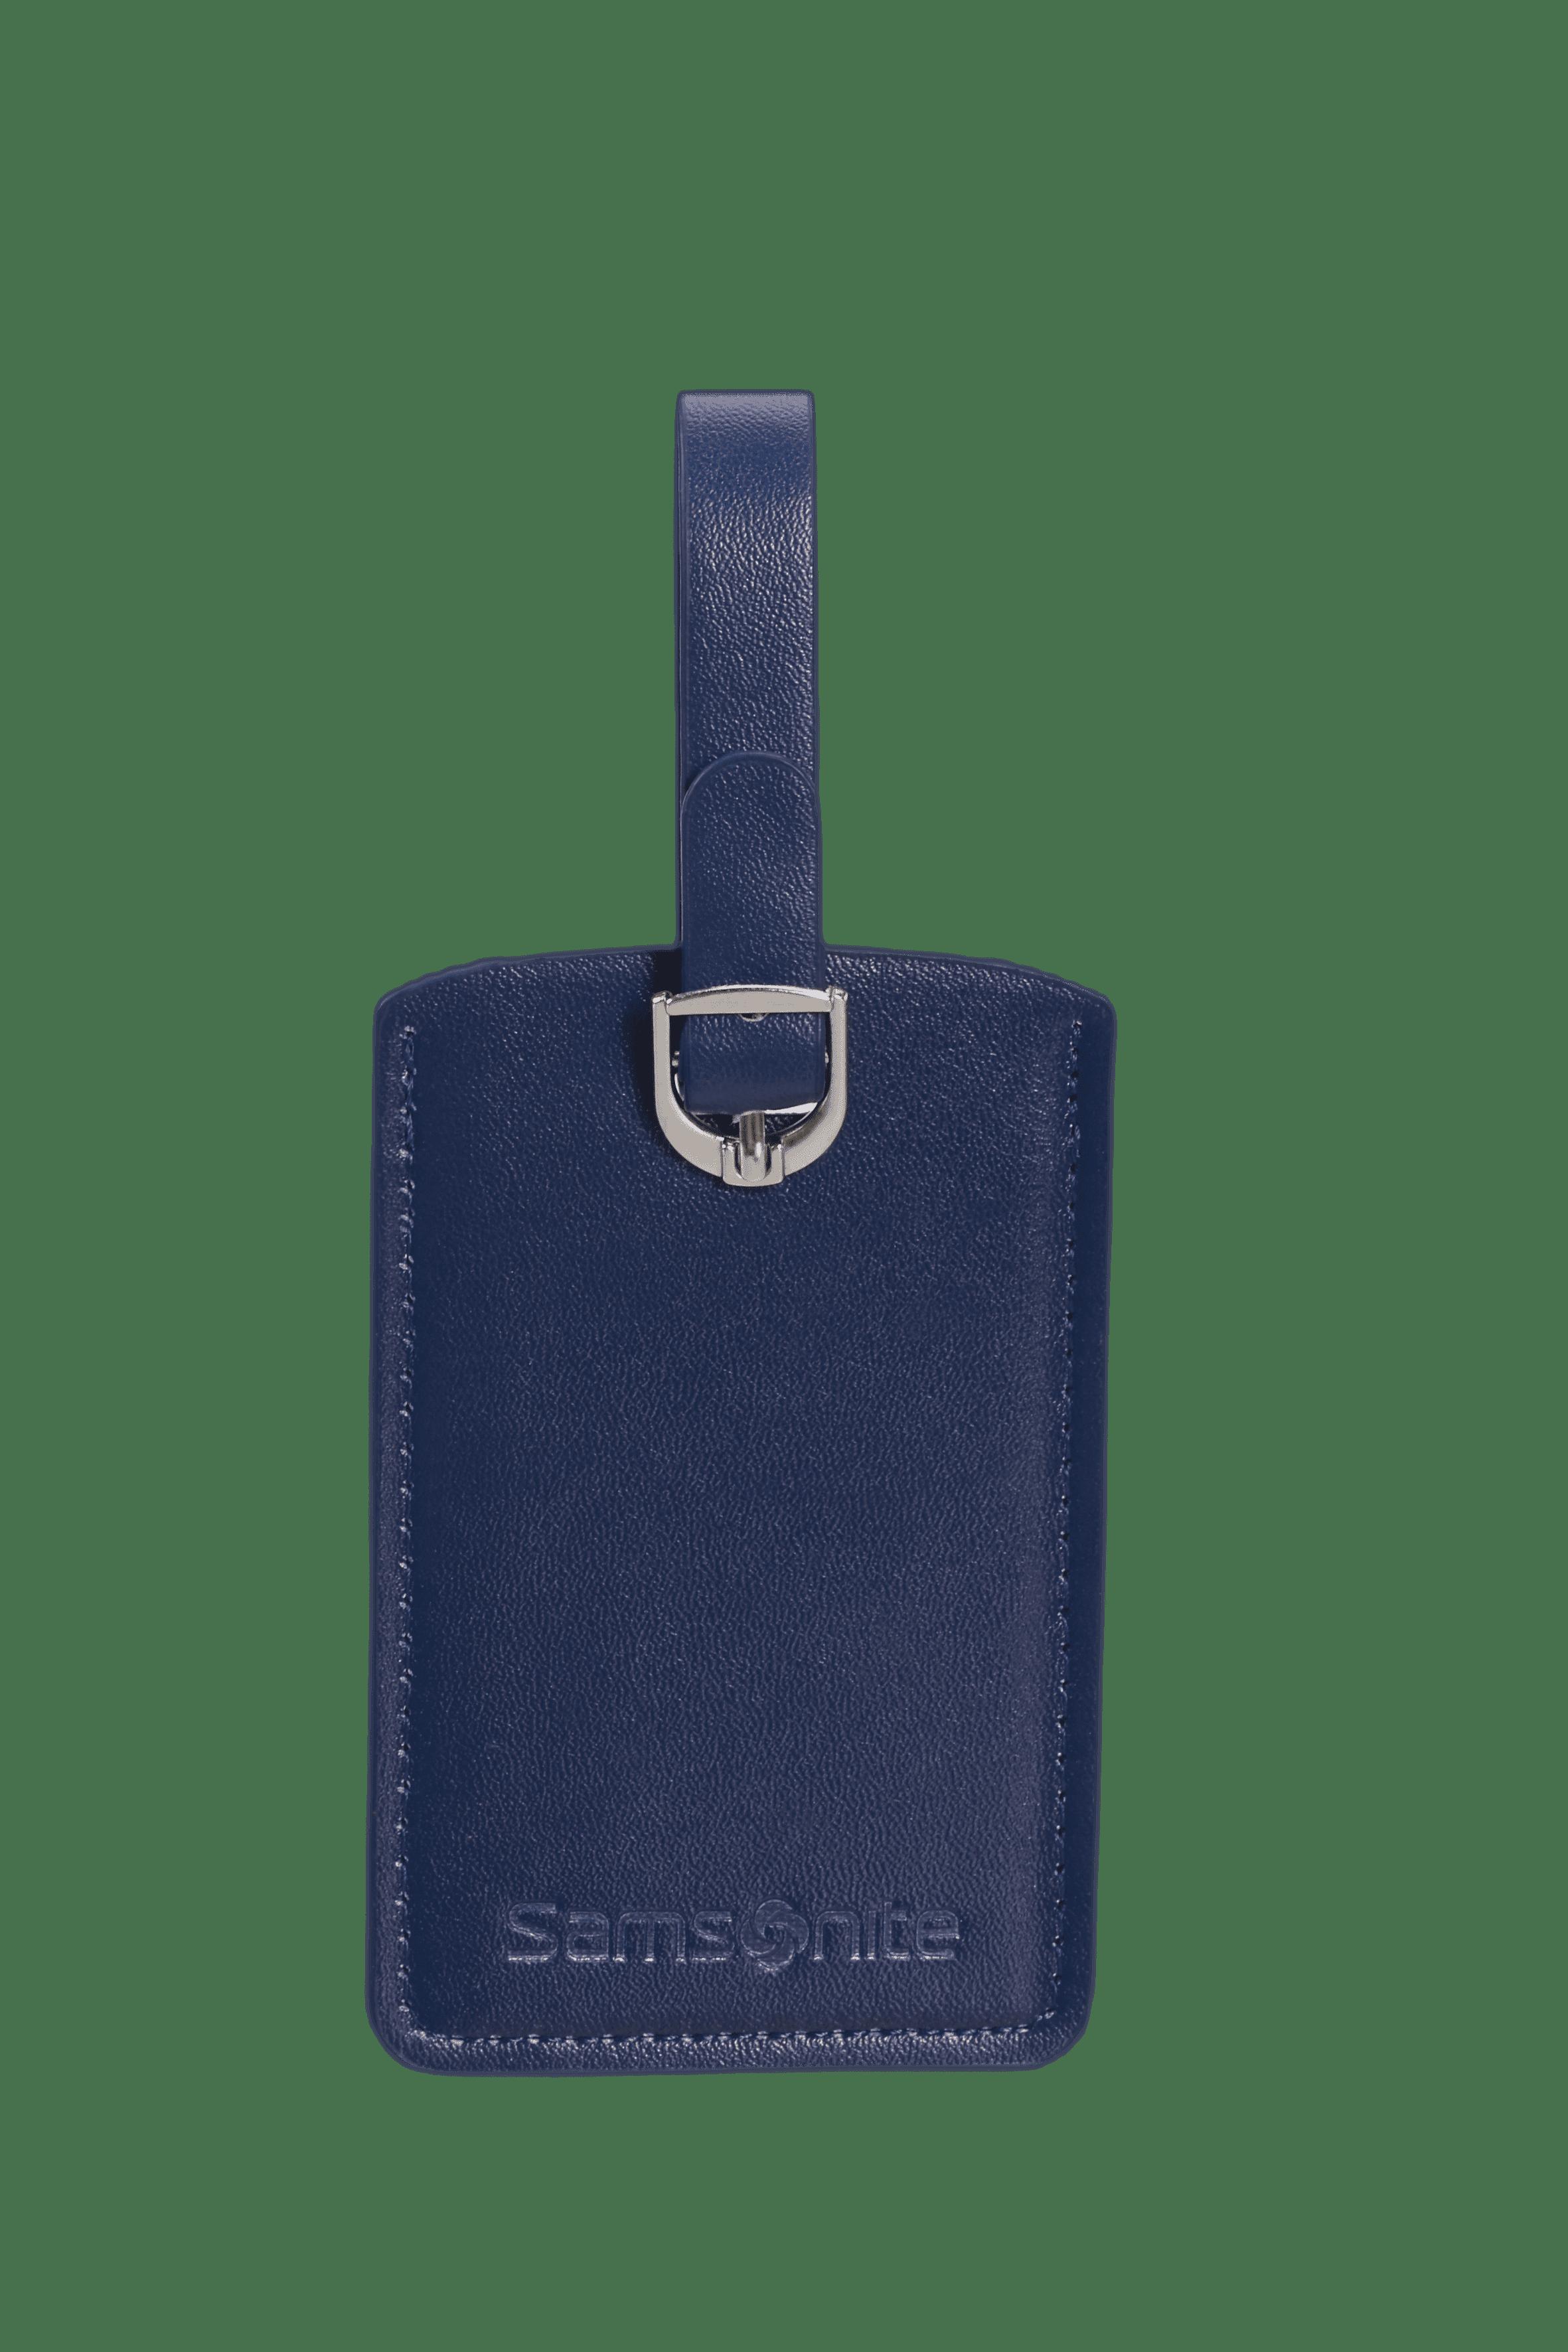 Global ta rectangle luggage tag (1549) x